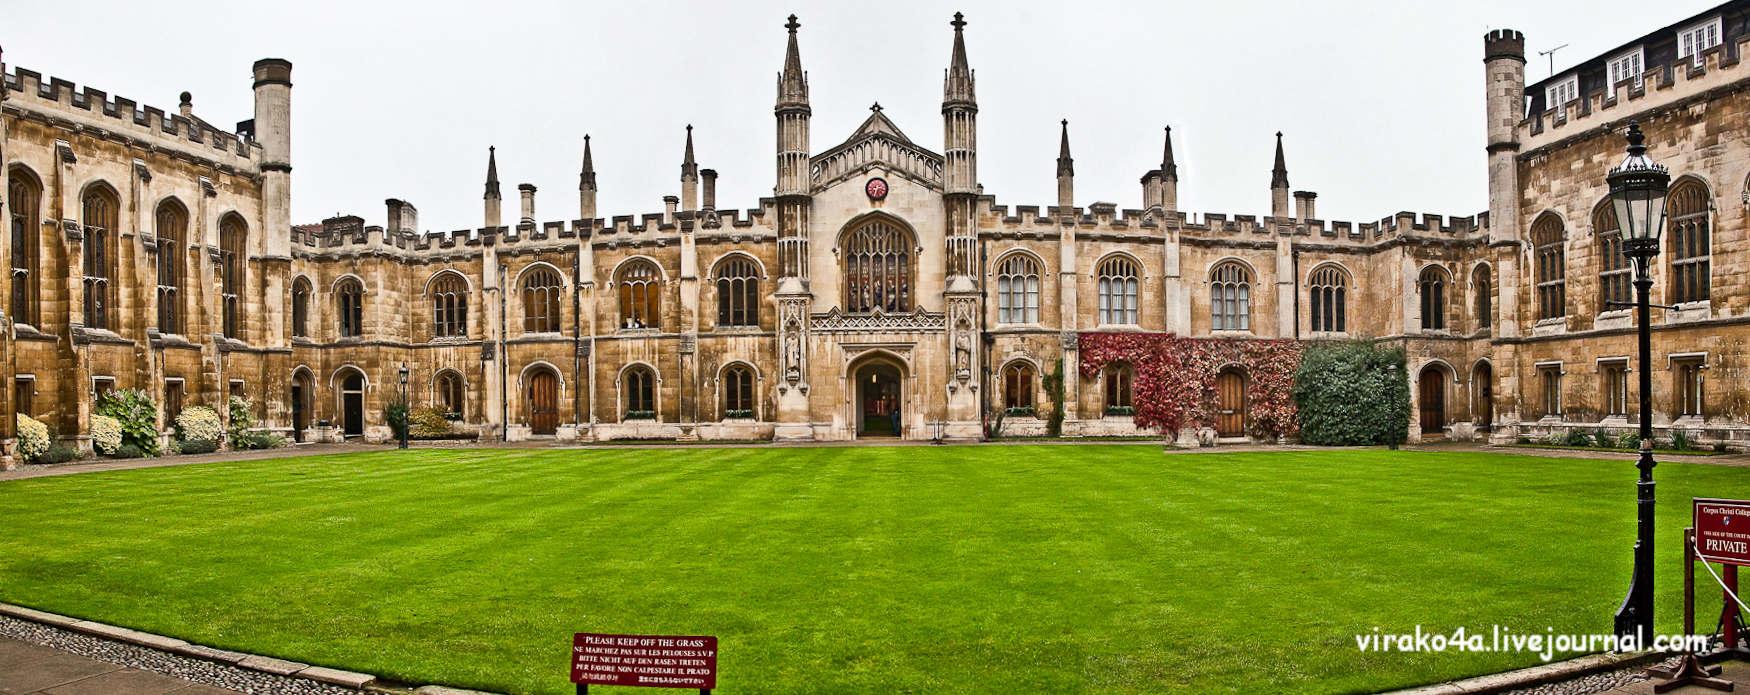 кембриджский университет факультеты